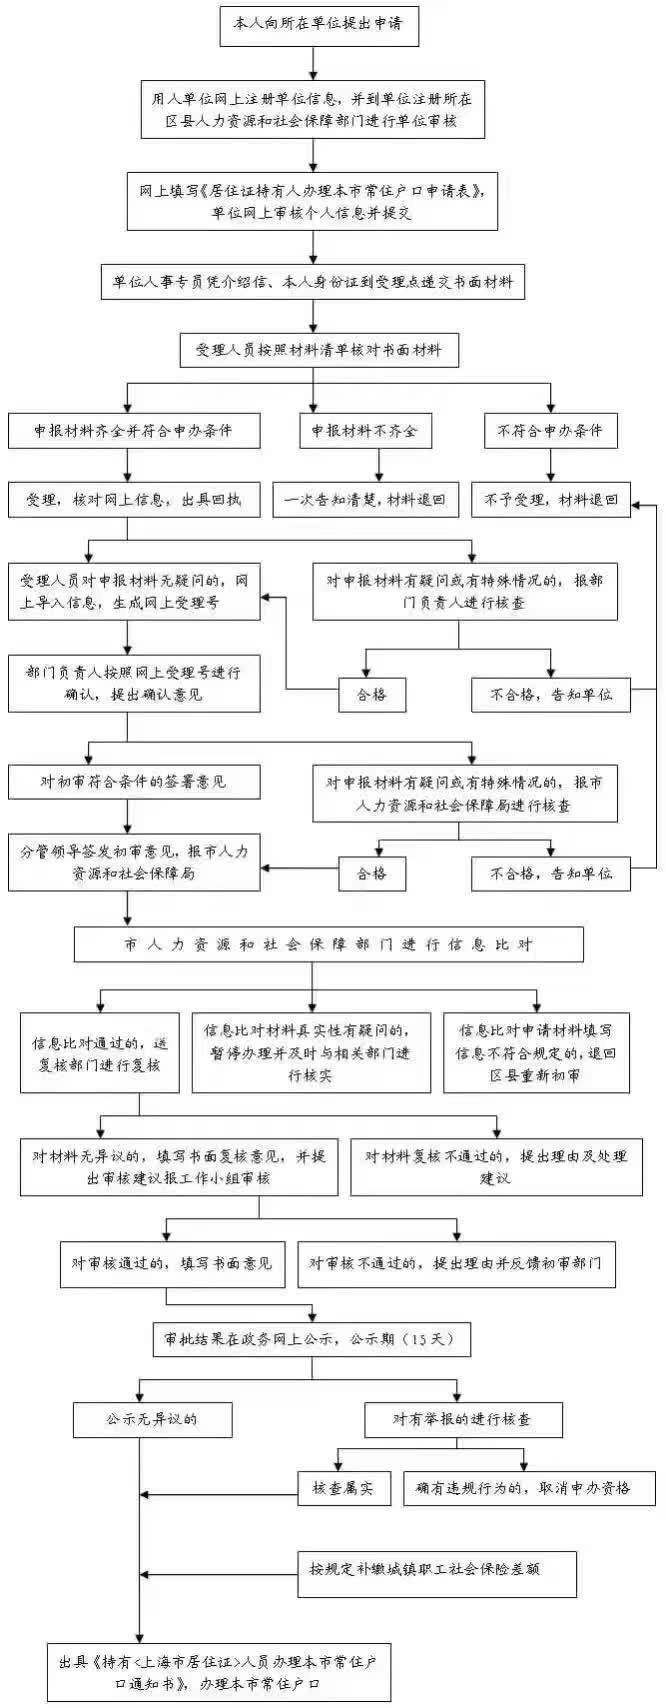 落户流程图